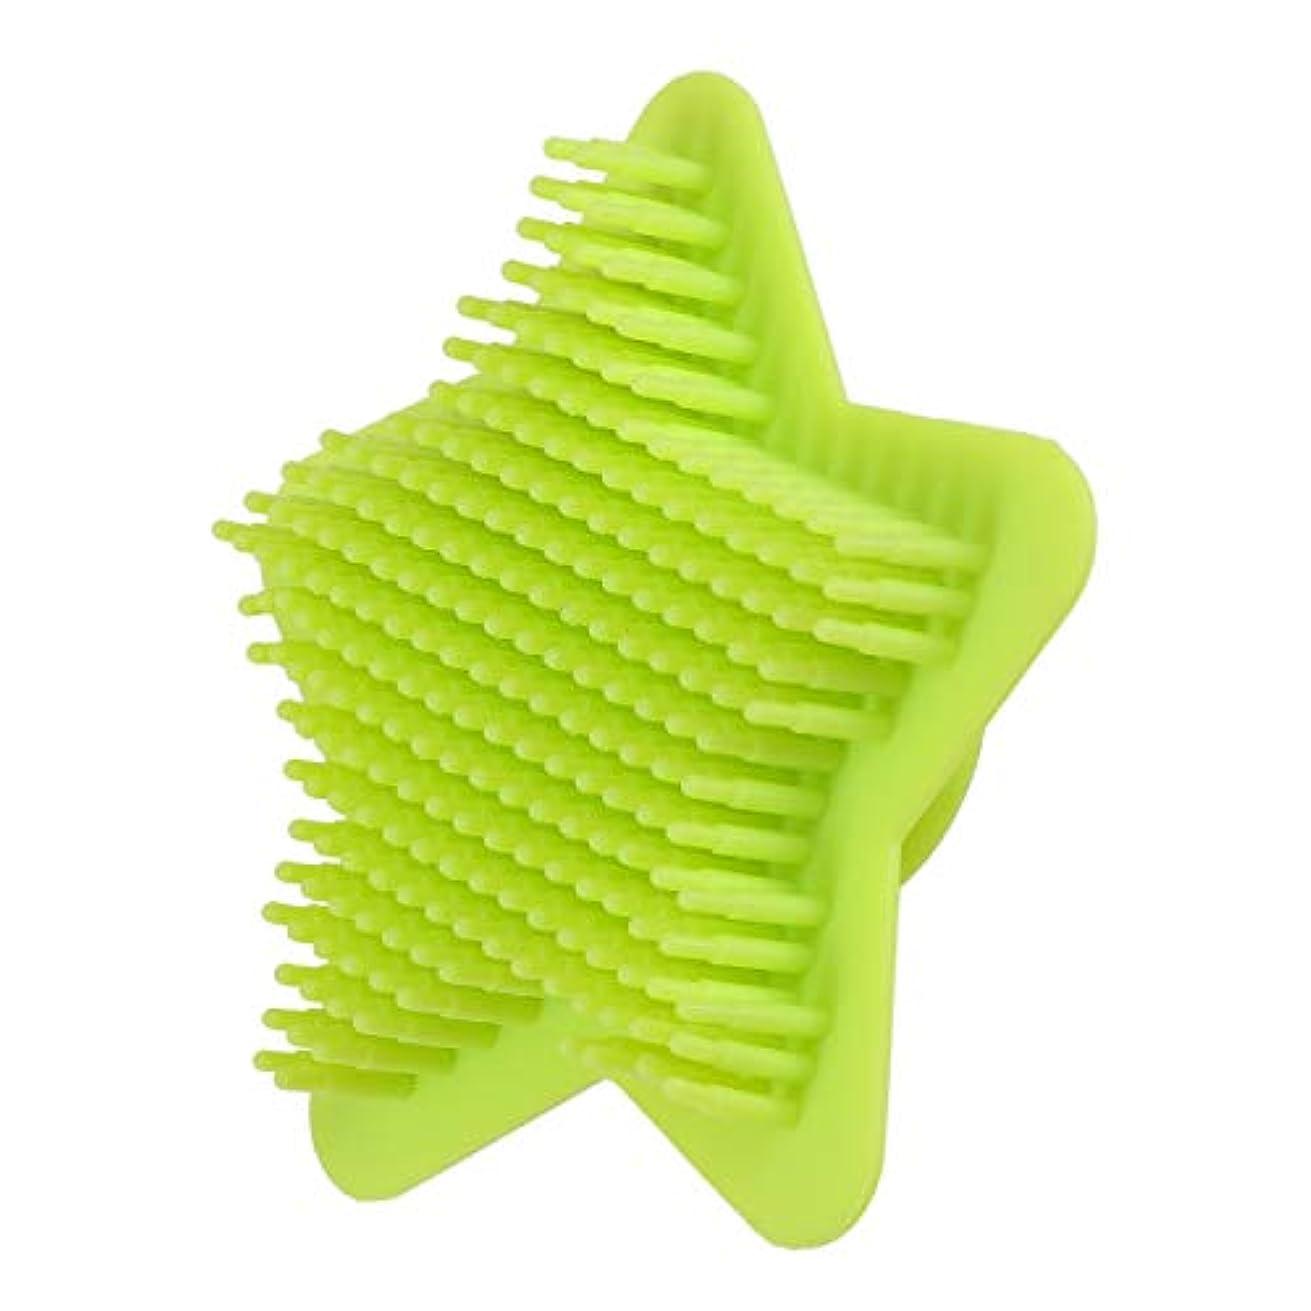 趣味賞時間Healifty ヘアシャンプーブラシ頭皮シャワースクラバーマッサージブラシバスブラシソフトボディマッサージャー洗浄コームボディシャワーバスブラシ(グリーン)